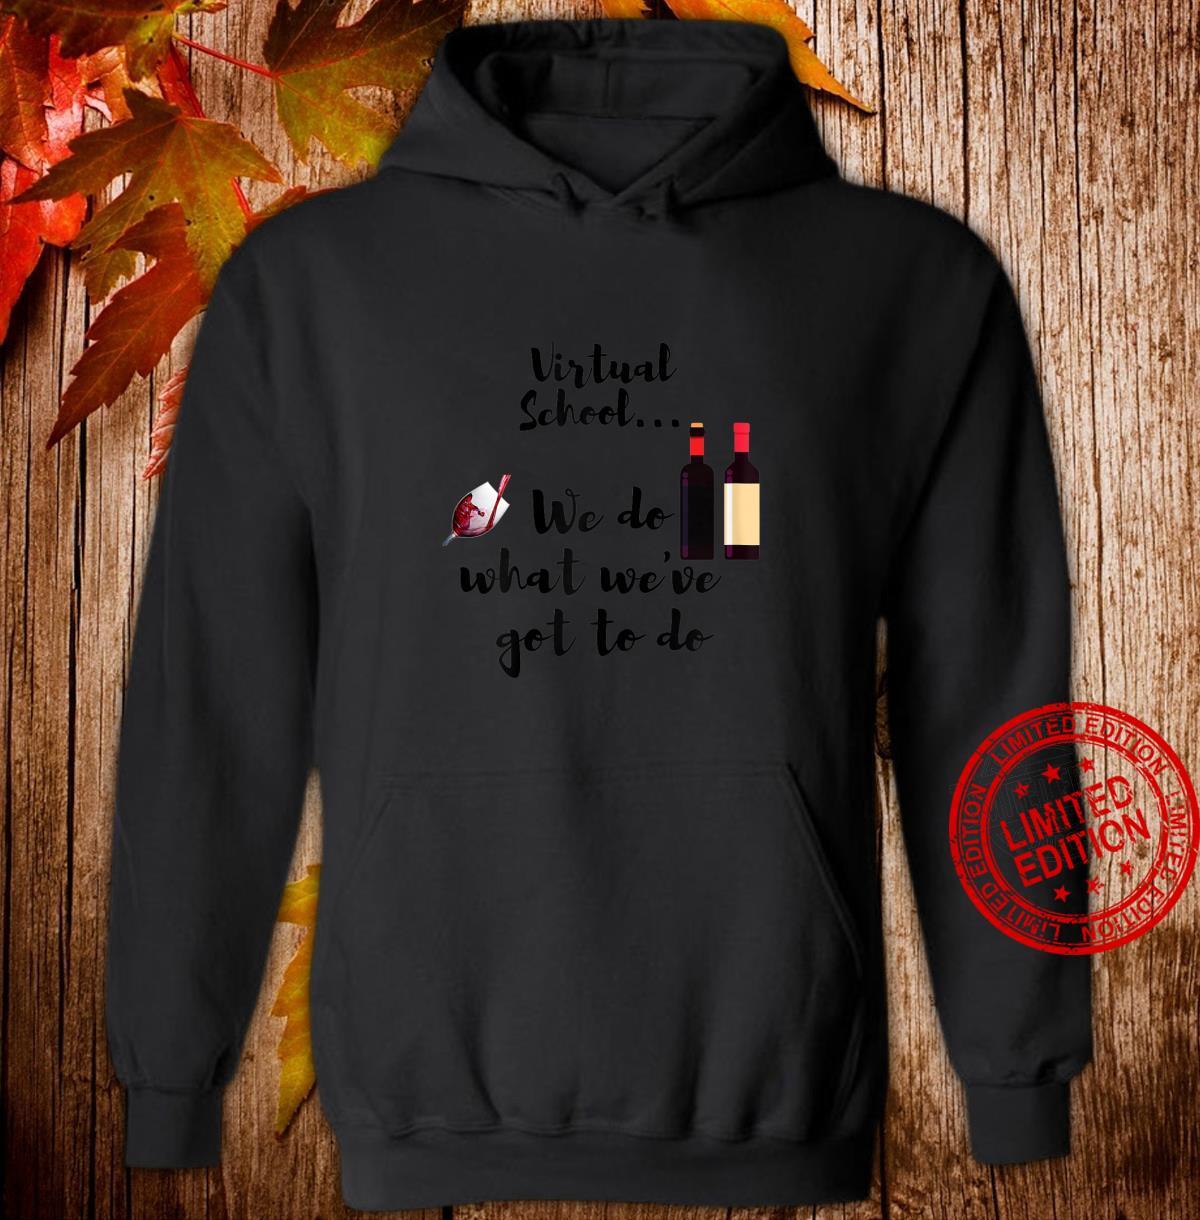 Womens Virtual School. Moms drink wine. Wine is survival tool. Shirt hoodie